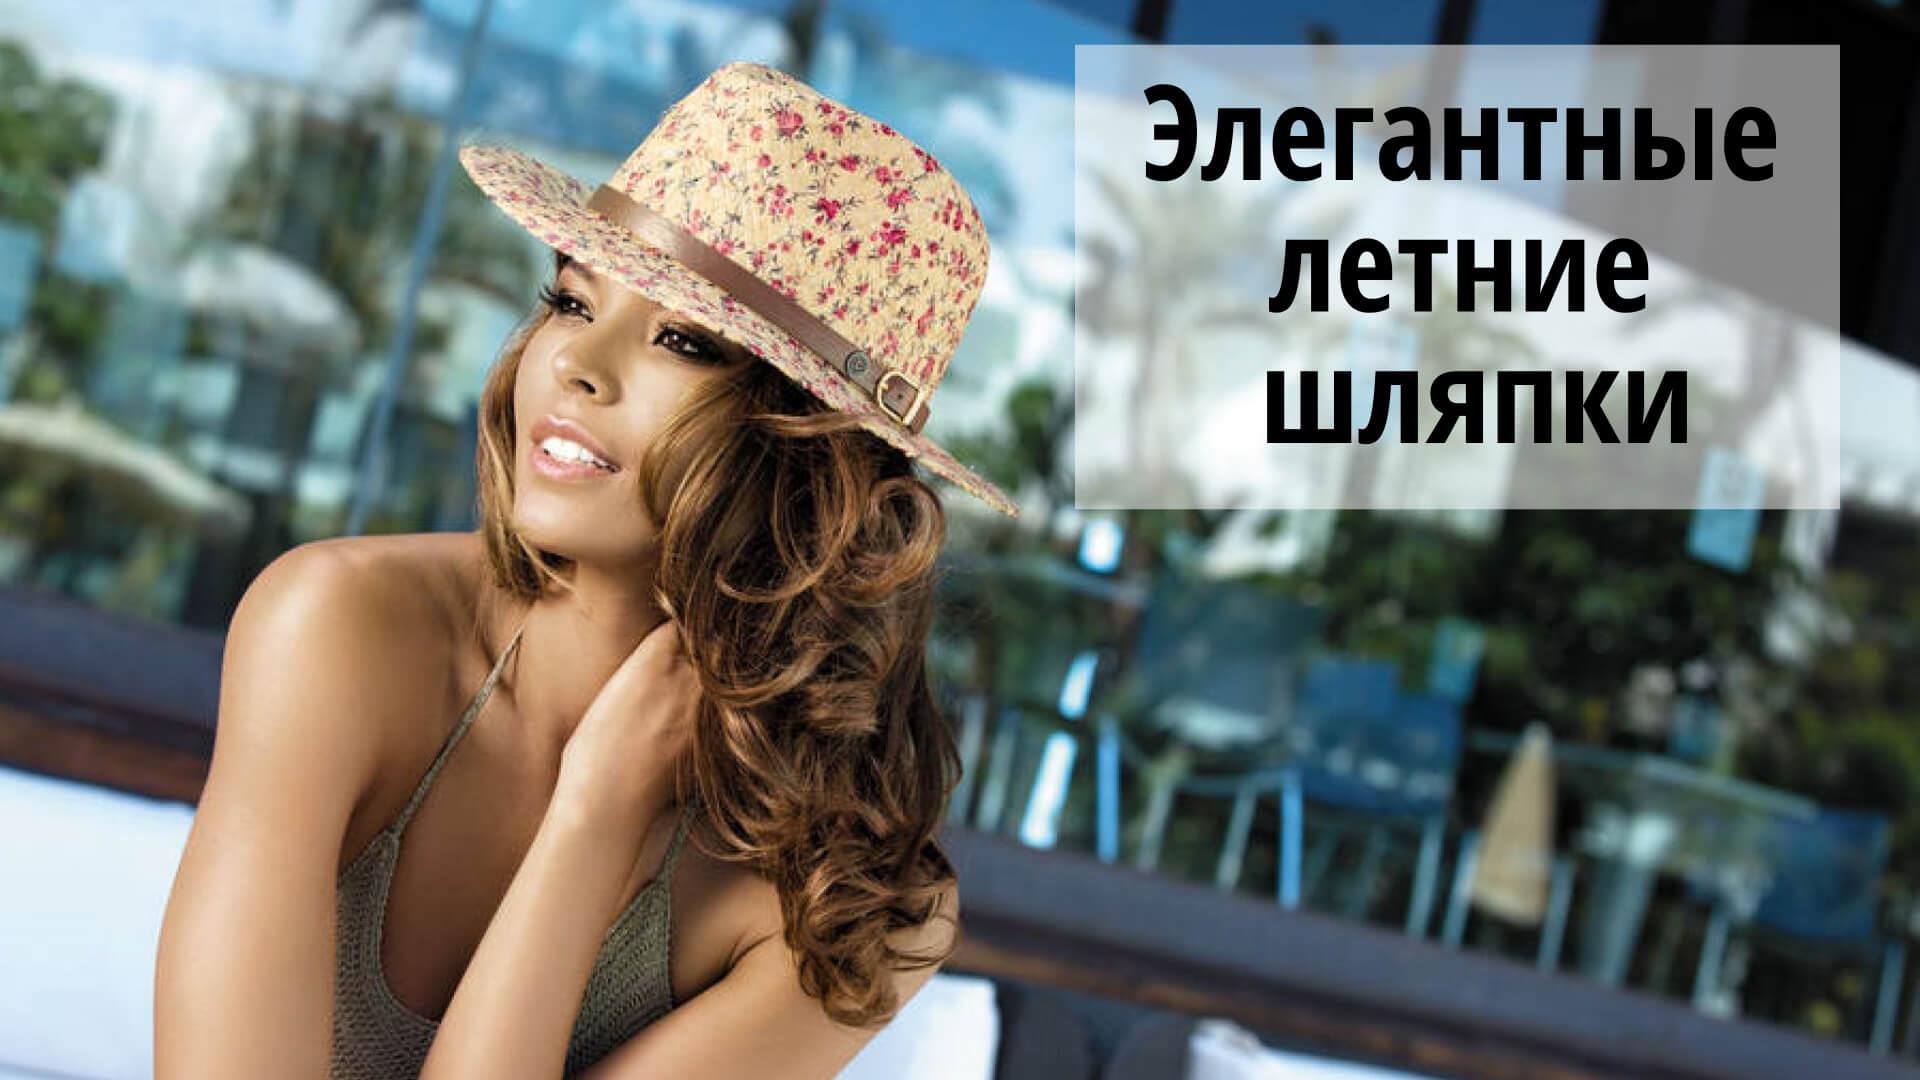 Элегантные летние шляпки